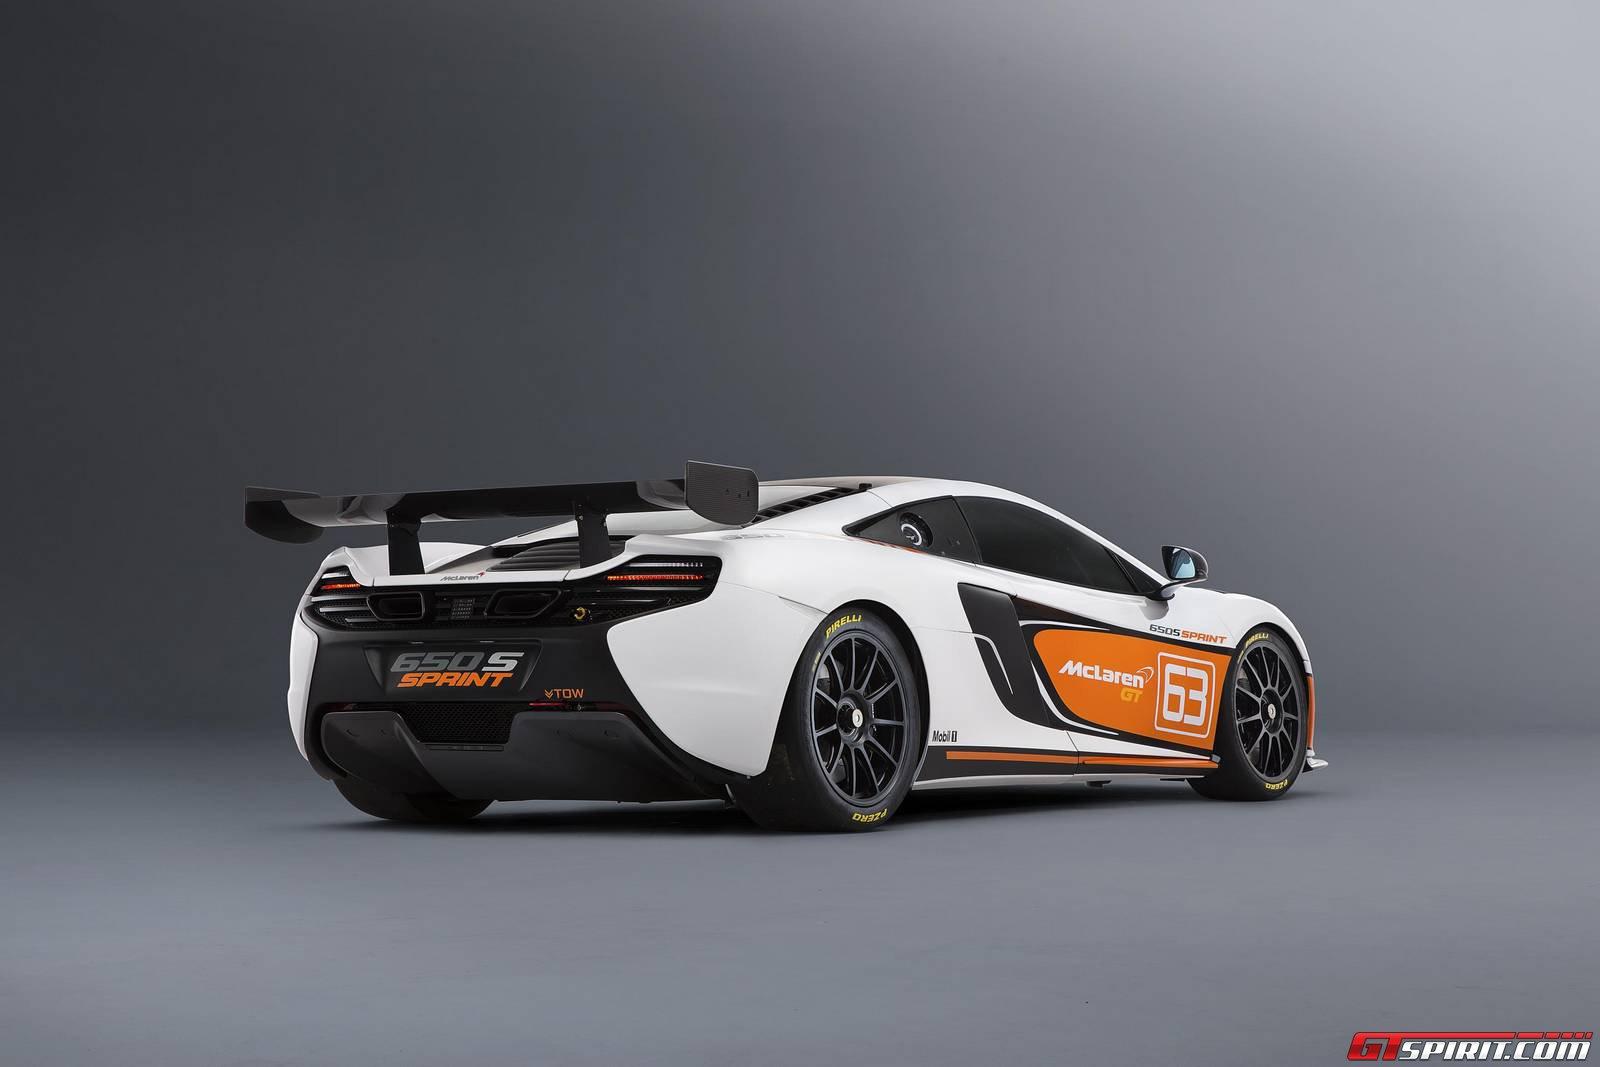 mclaren 650s sprint to make race debut at donington park uk gtspirit. Black Bedroom Furniture Sets. Home Design Ideas